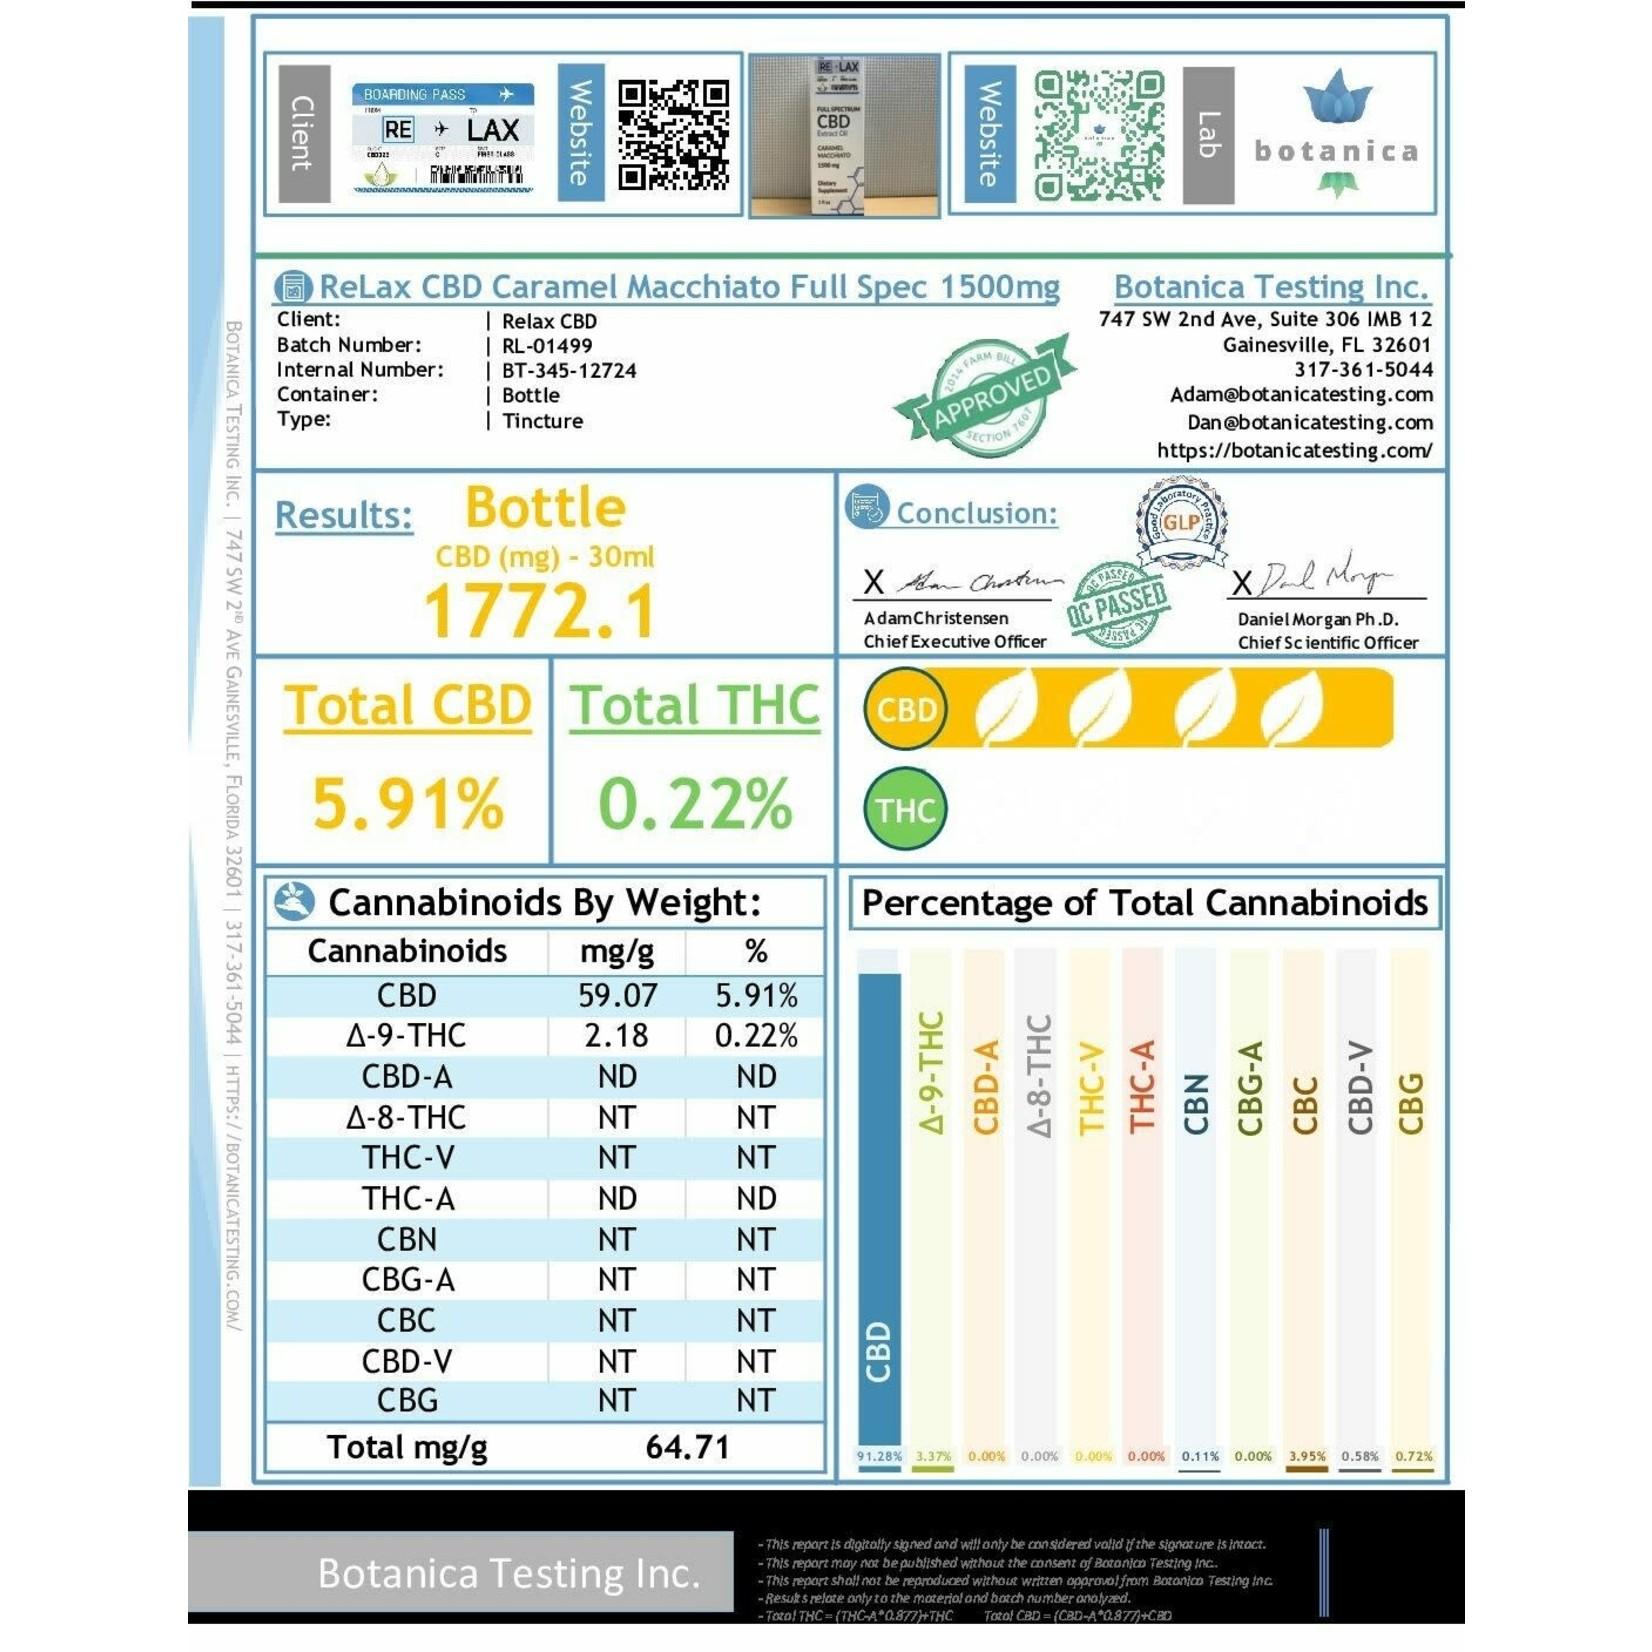 RE-LAX CBD RLX CBD Caramel Macchiato Tincture